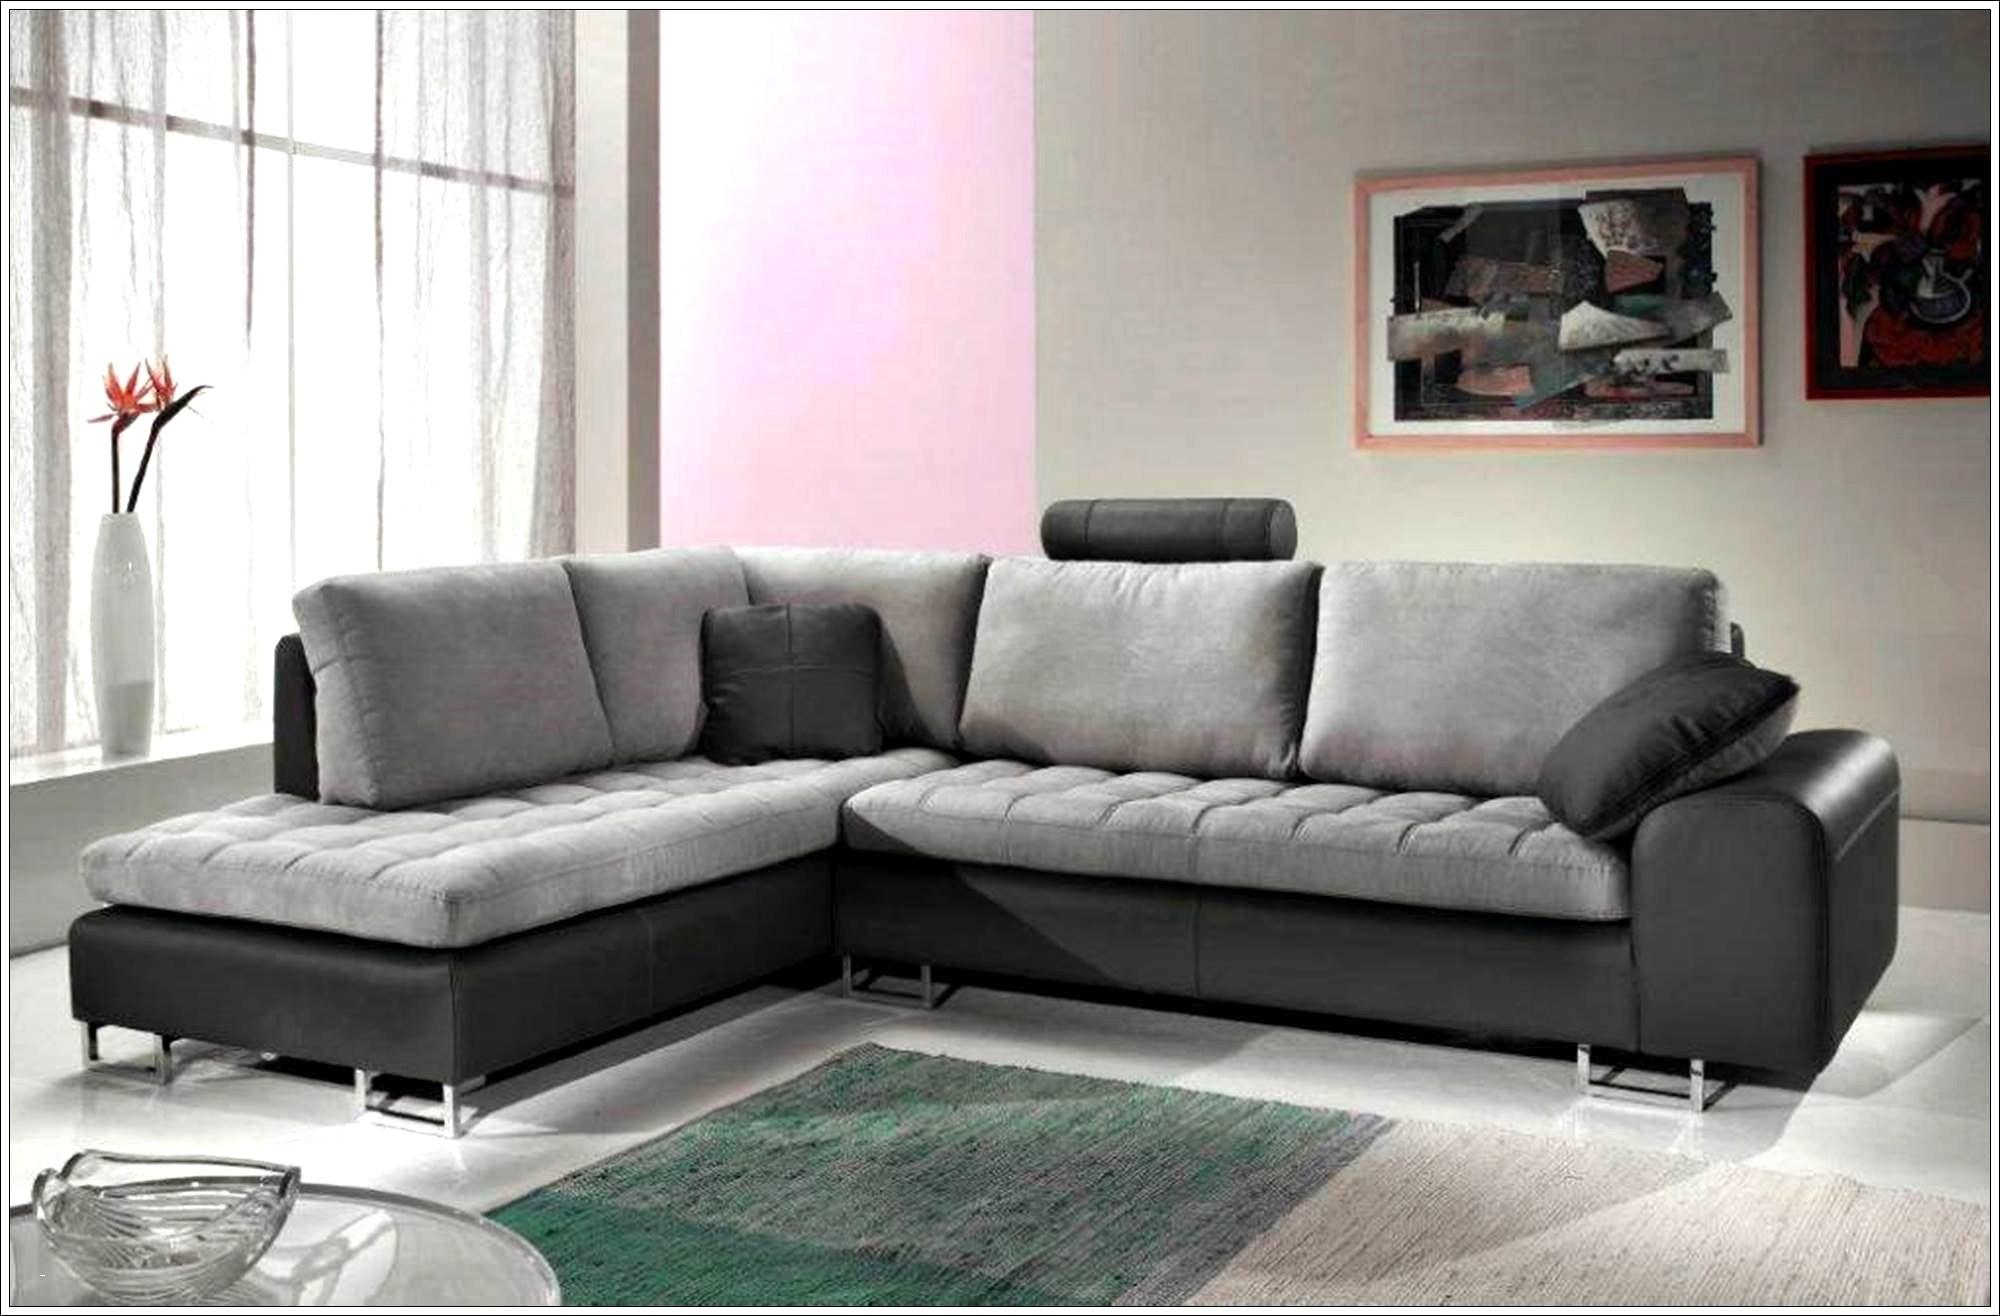 Canapé Angle Cuir Vieilli Unique Image 27 Beau Canapé En Cuir Design Design De Maison